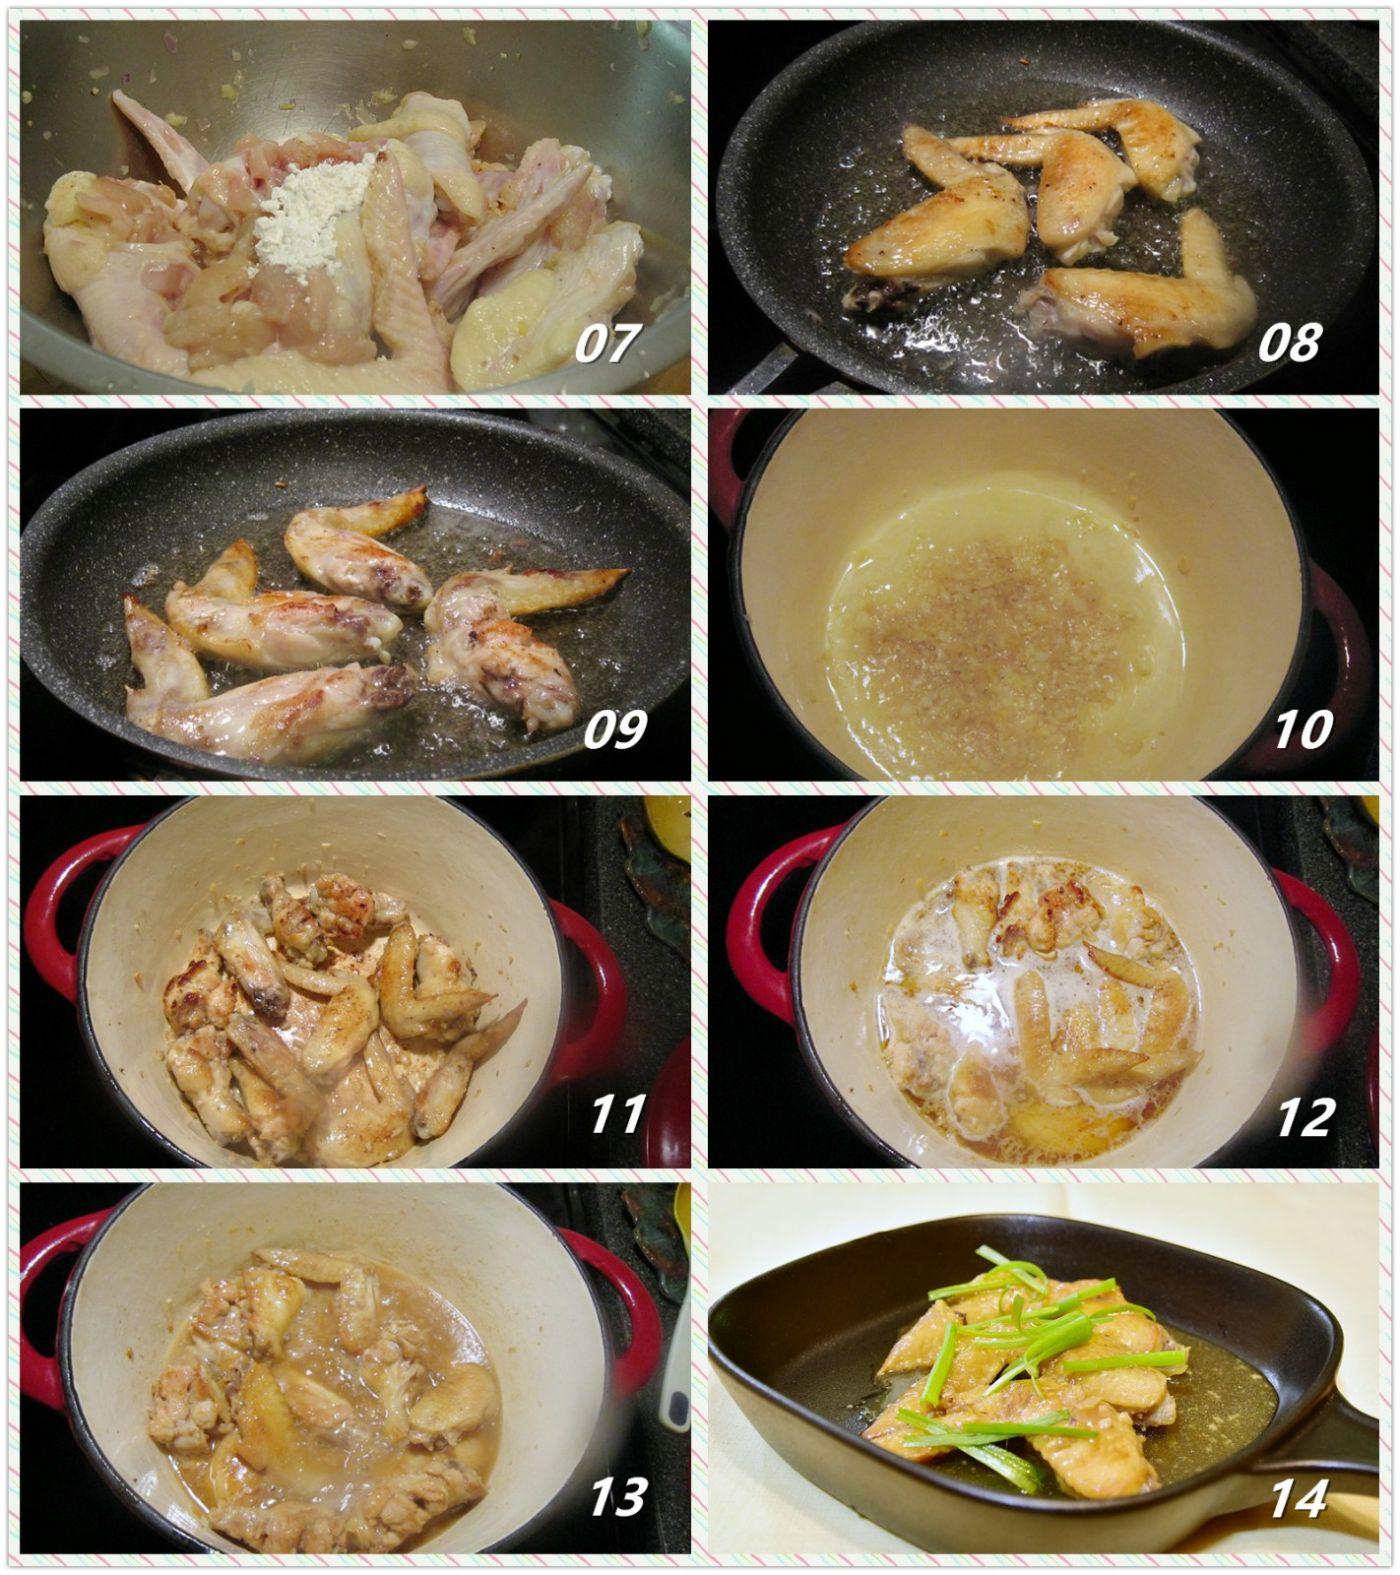 啤酒煮鸡翅_图1-3